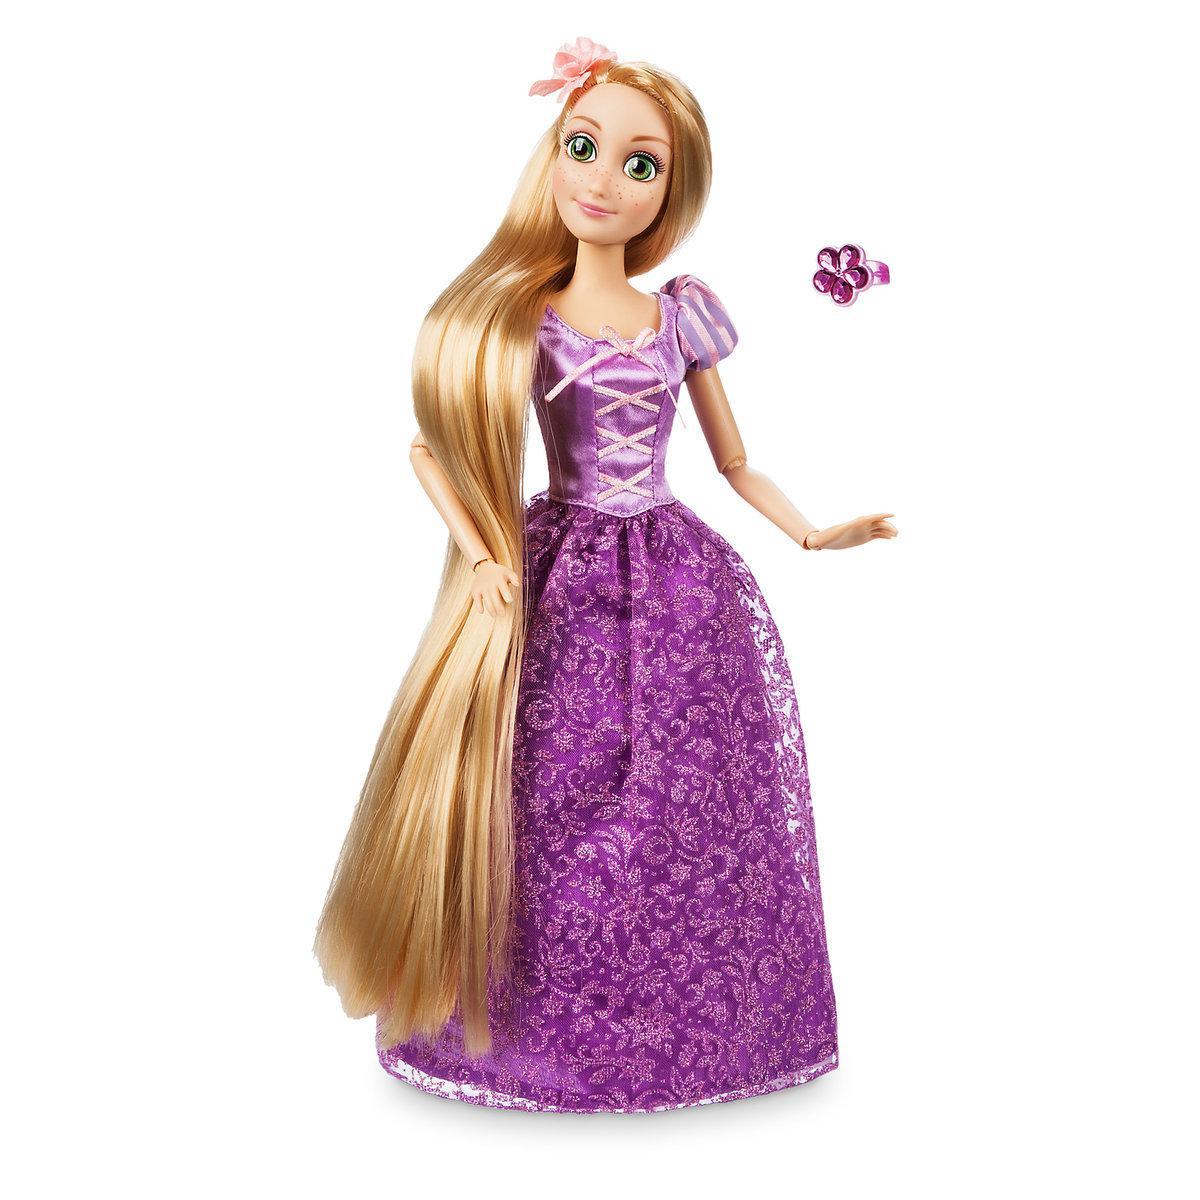 Rapunzel Classic Doll with Ring  (Классическая кукла Рапунцель с кольцом для девочки)